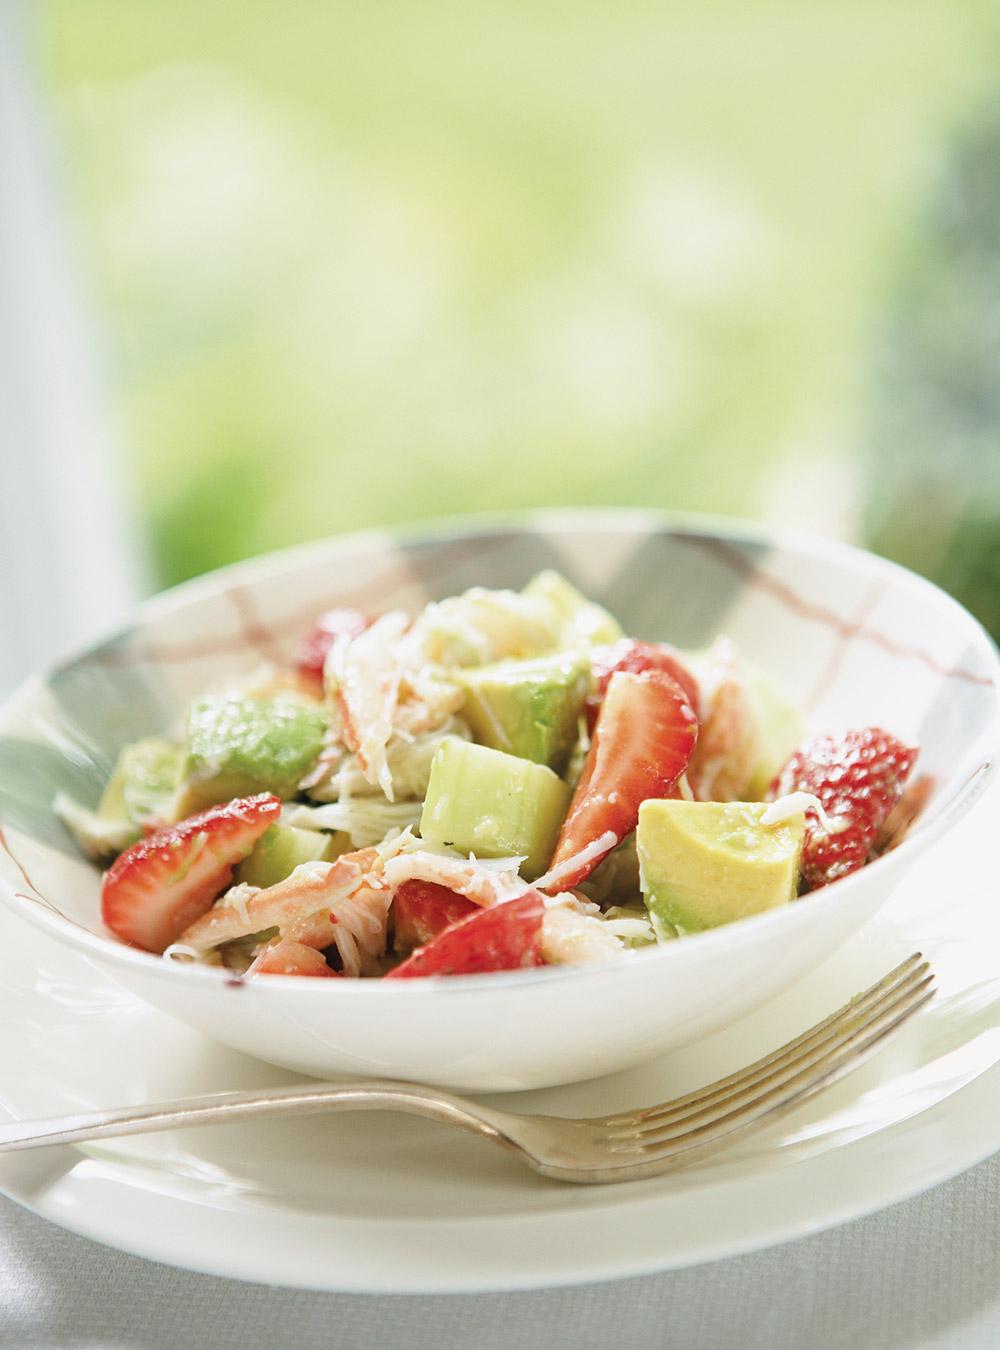 Salade de crabe et de fraises au citron vert | ricardo